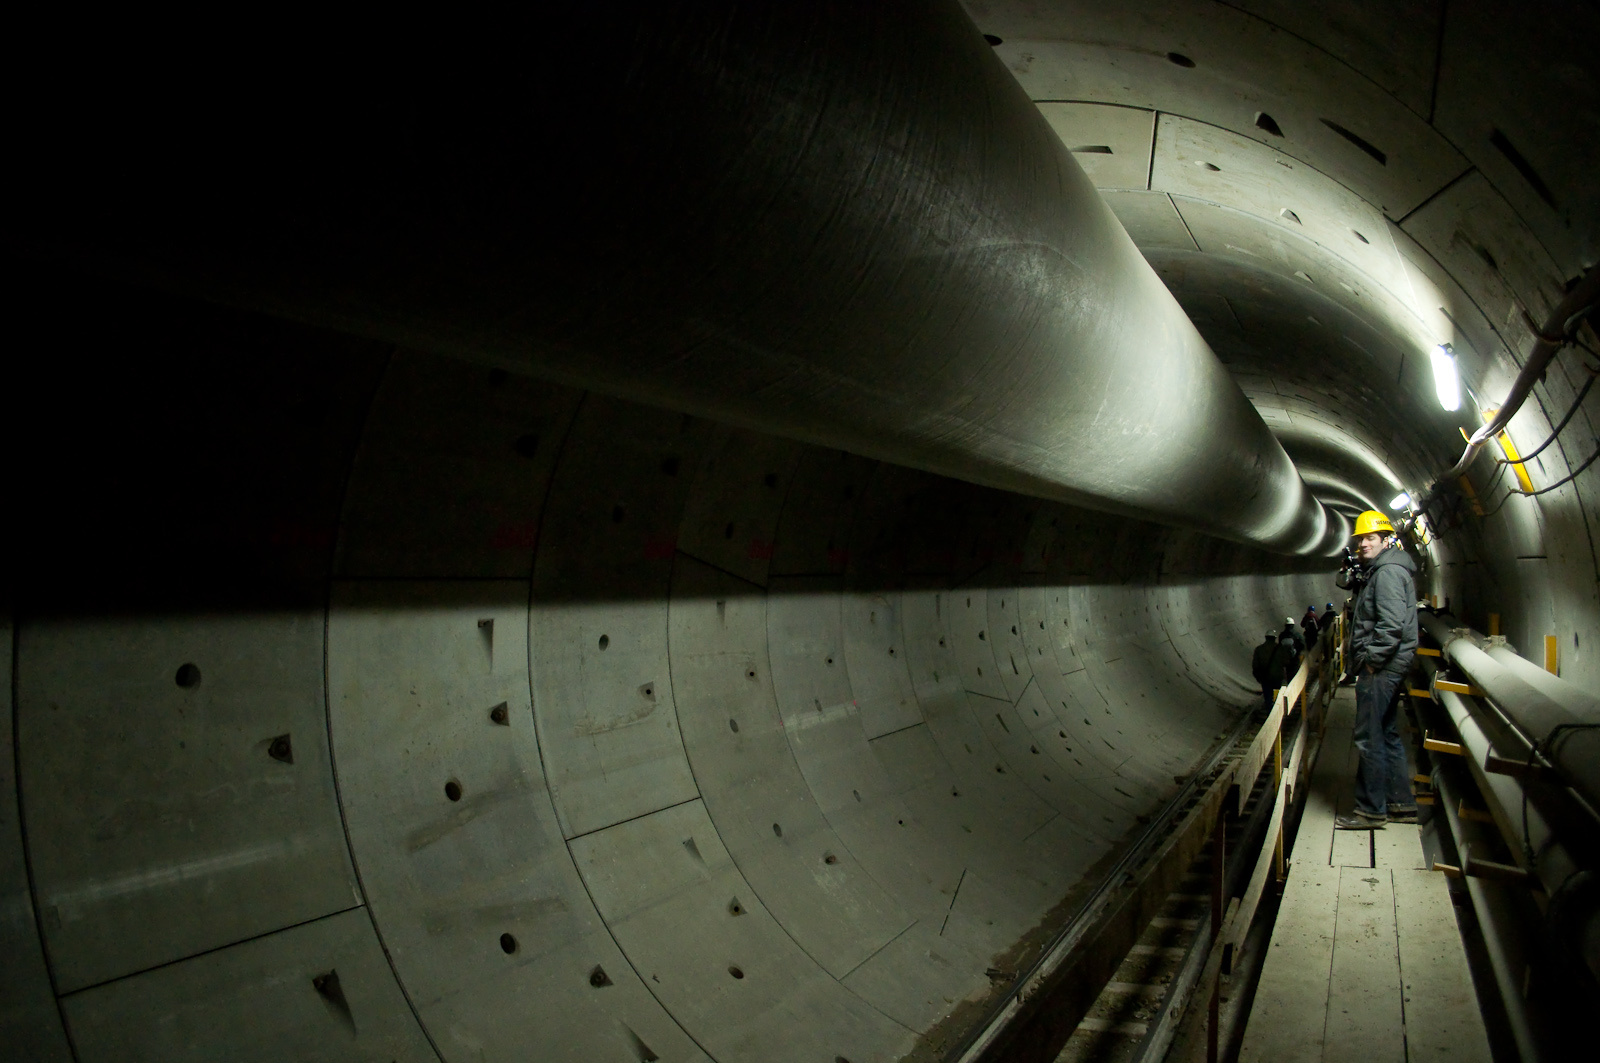 Tovább az alagútban